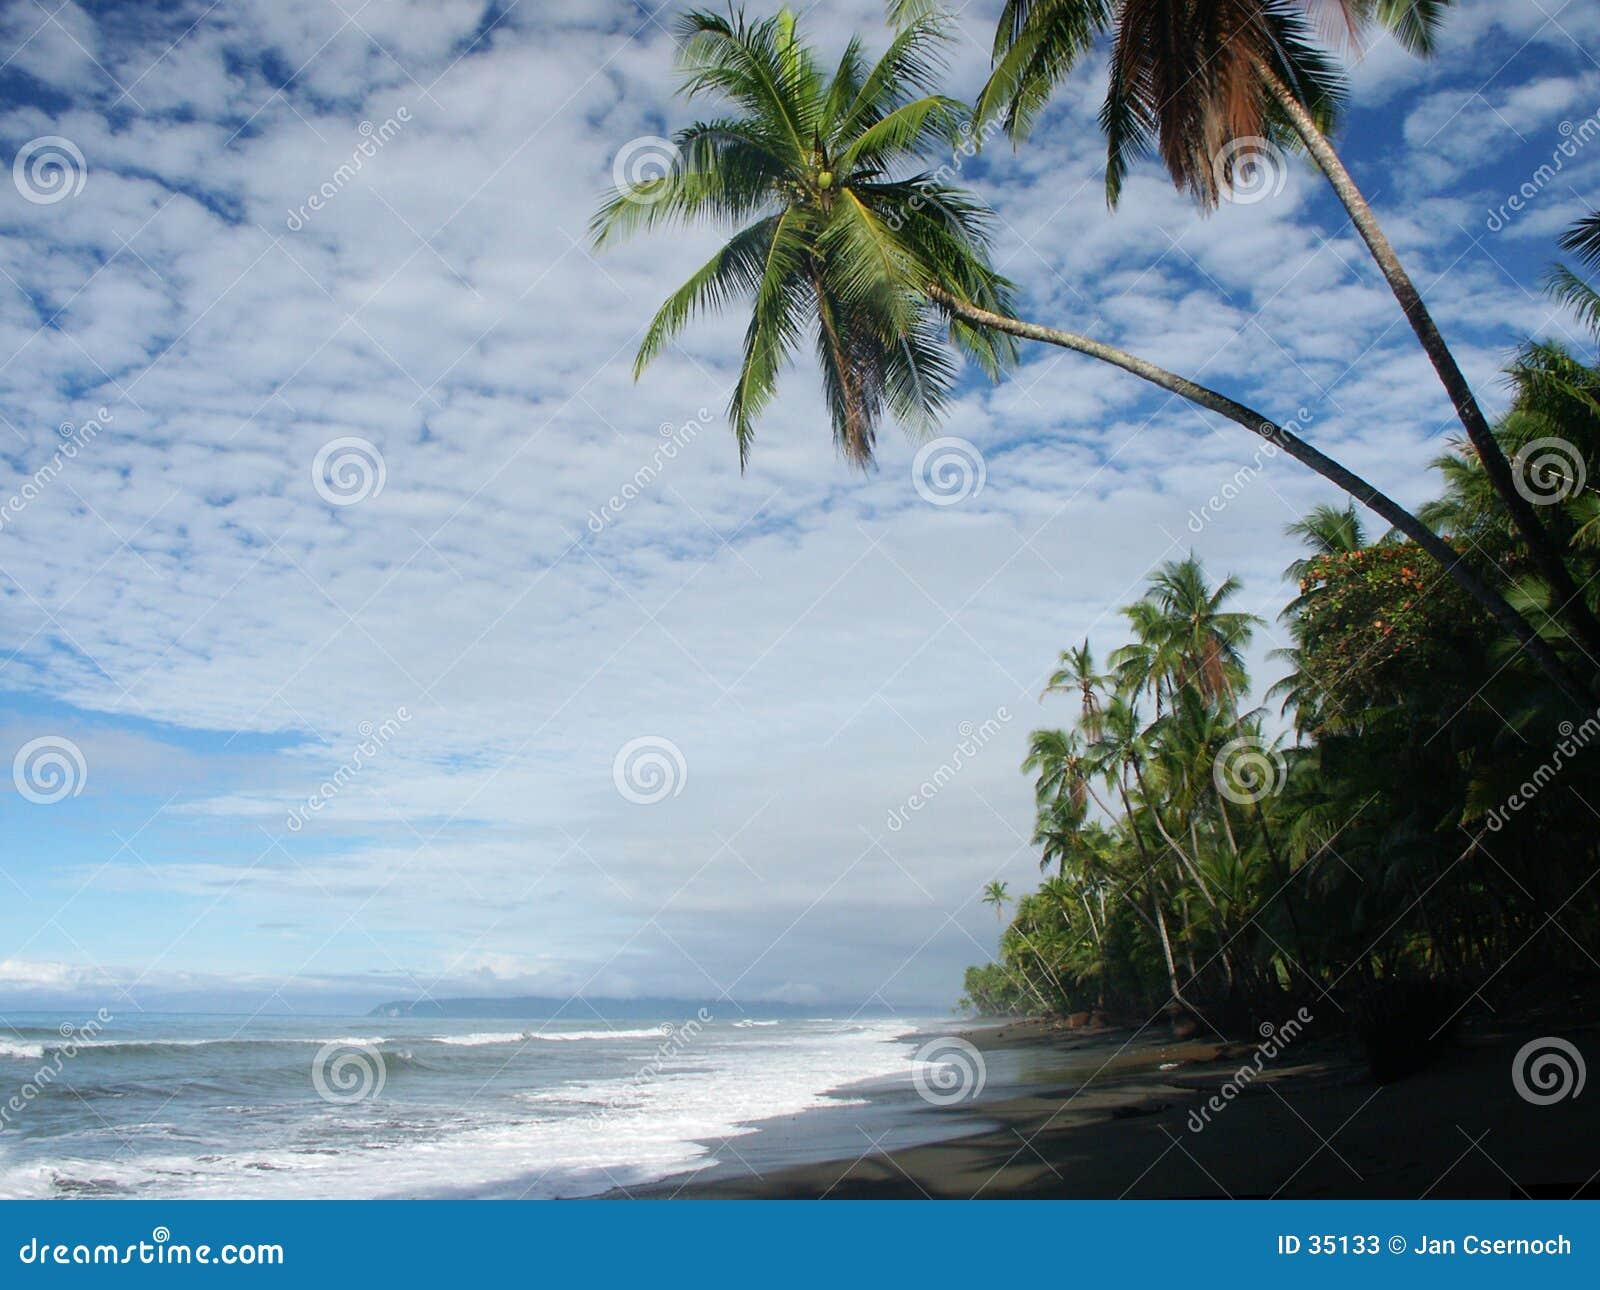 Download Playa con el cielo nublado imagen de archivo. Imagen de coco - 35133